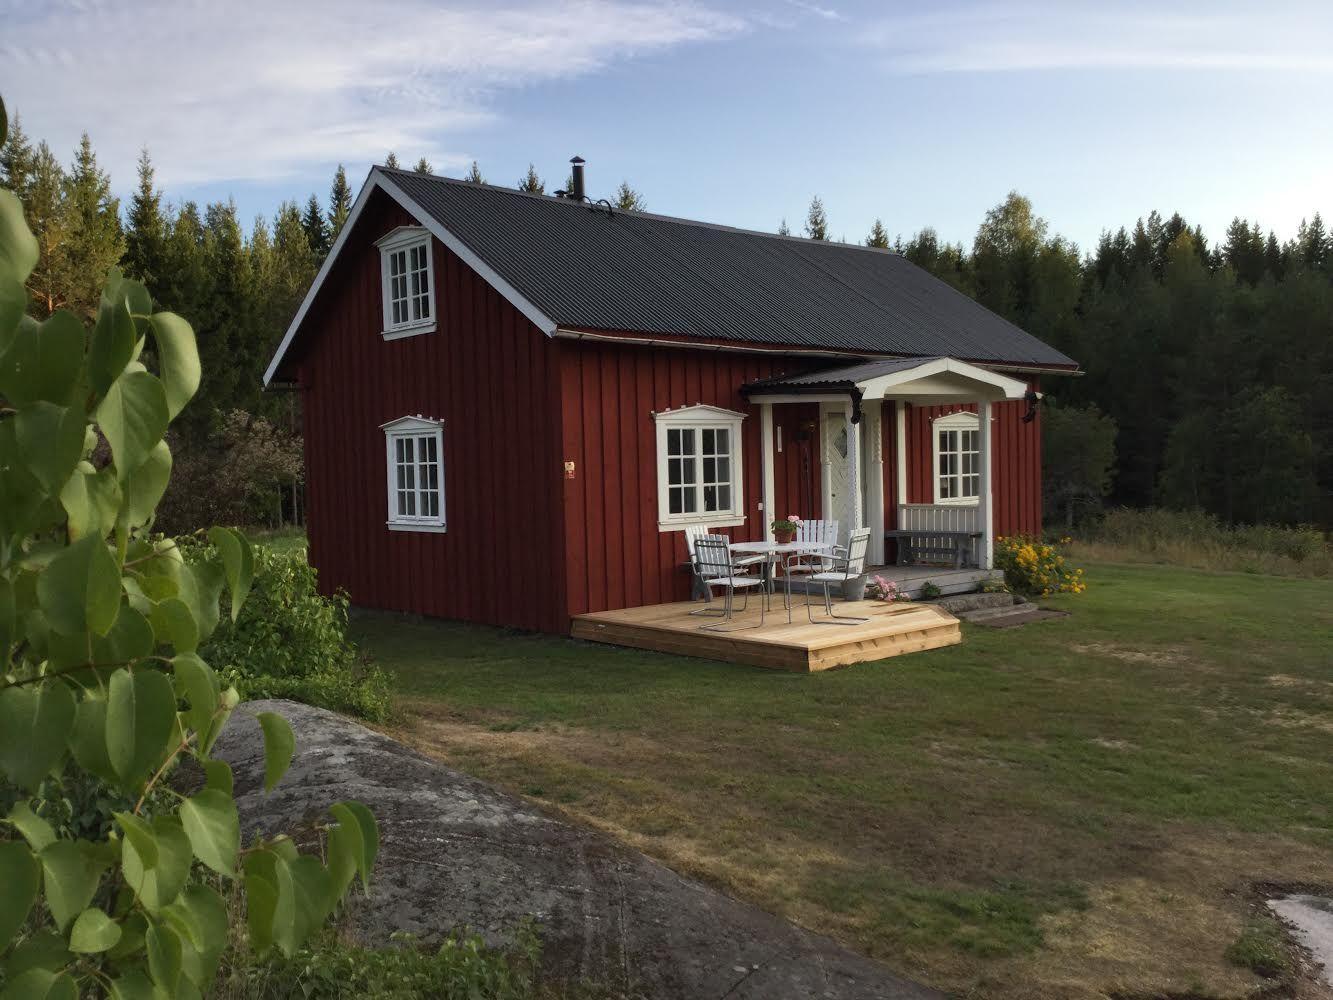 Airbnb | Arvika - Semesterboenden och stllen att bo p